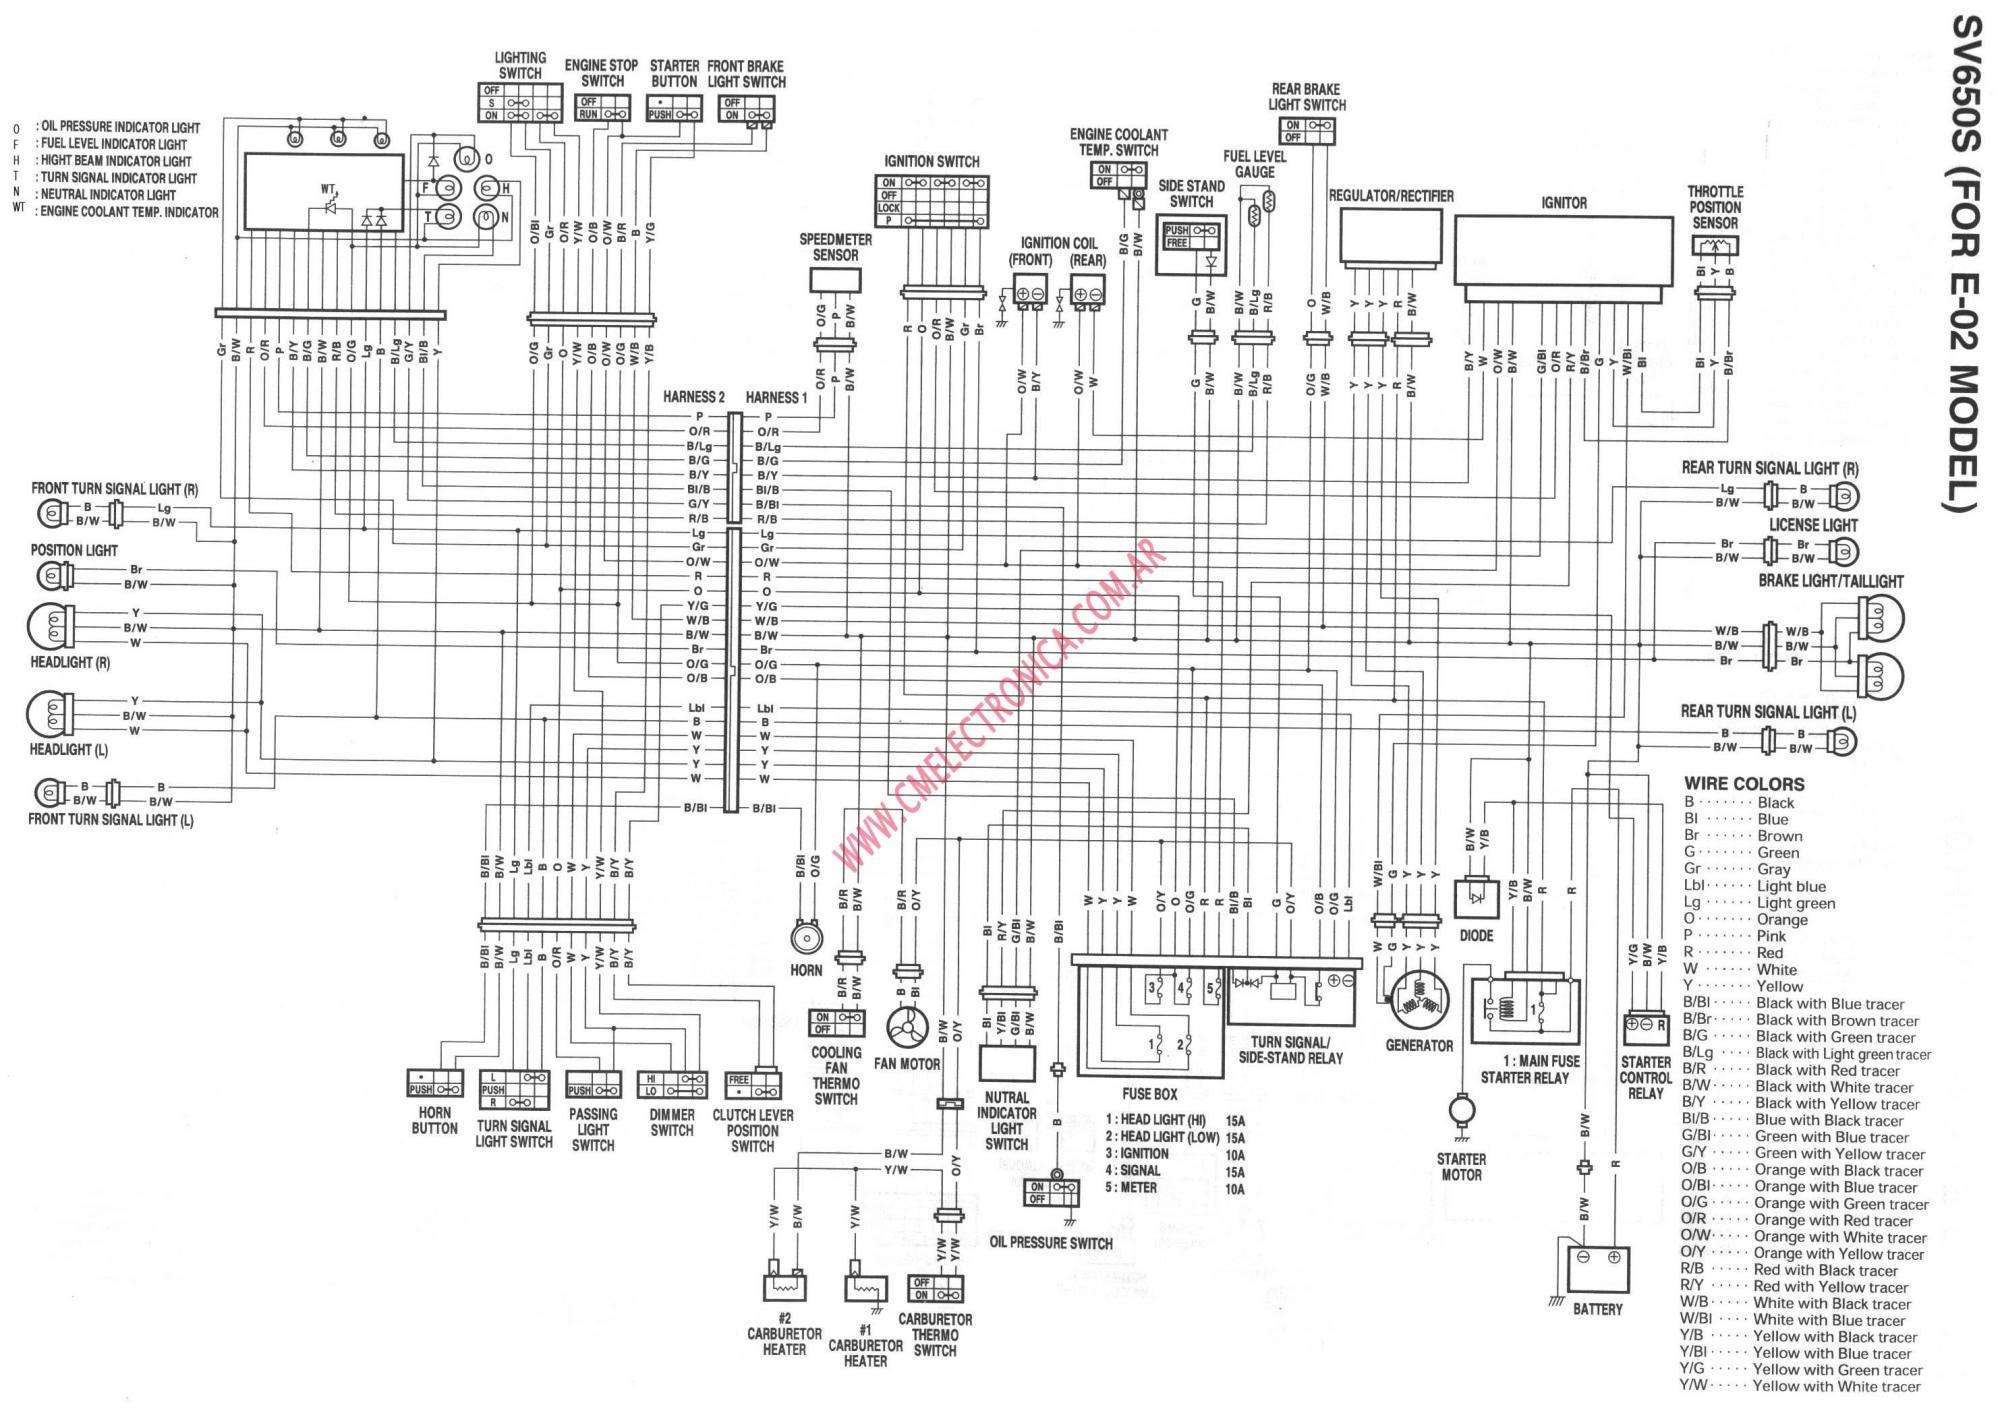 hight resolution of 2000 sv650 ignition schematics enthusiast wiring diagrams u2022 yamaha sr500 wiring diagram 2000 suzuki sv650 wiring diagram